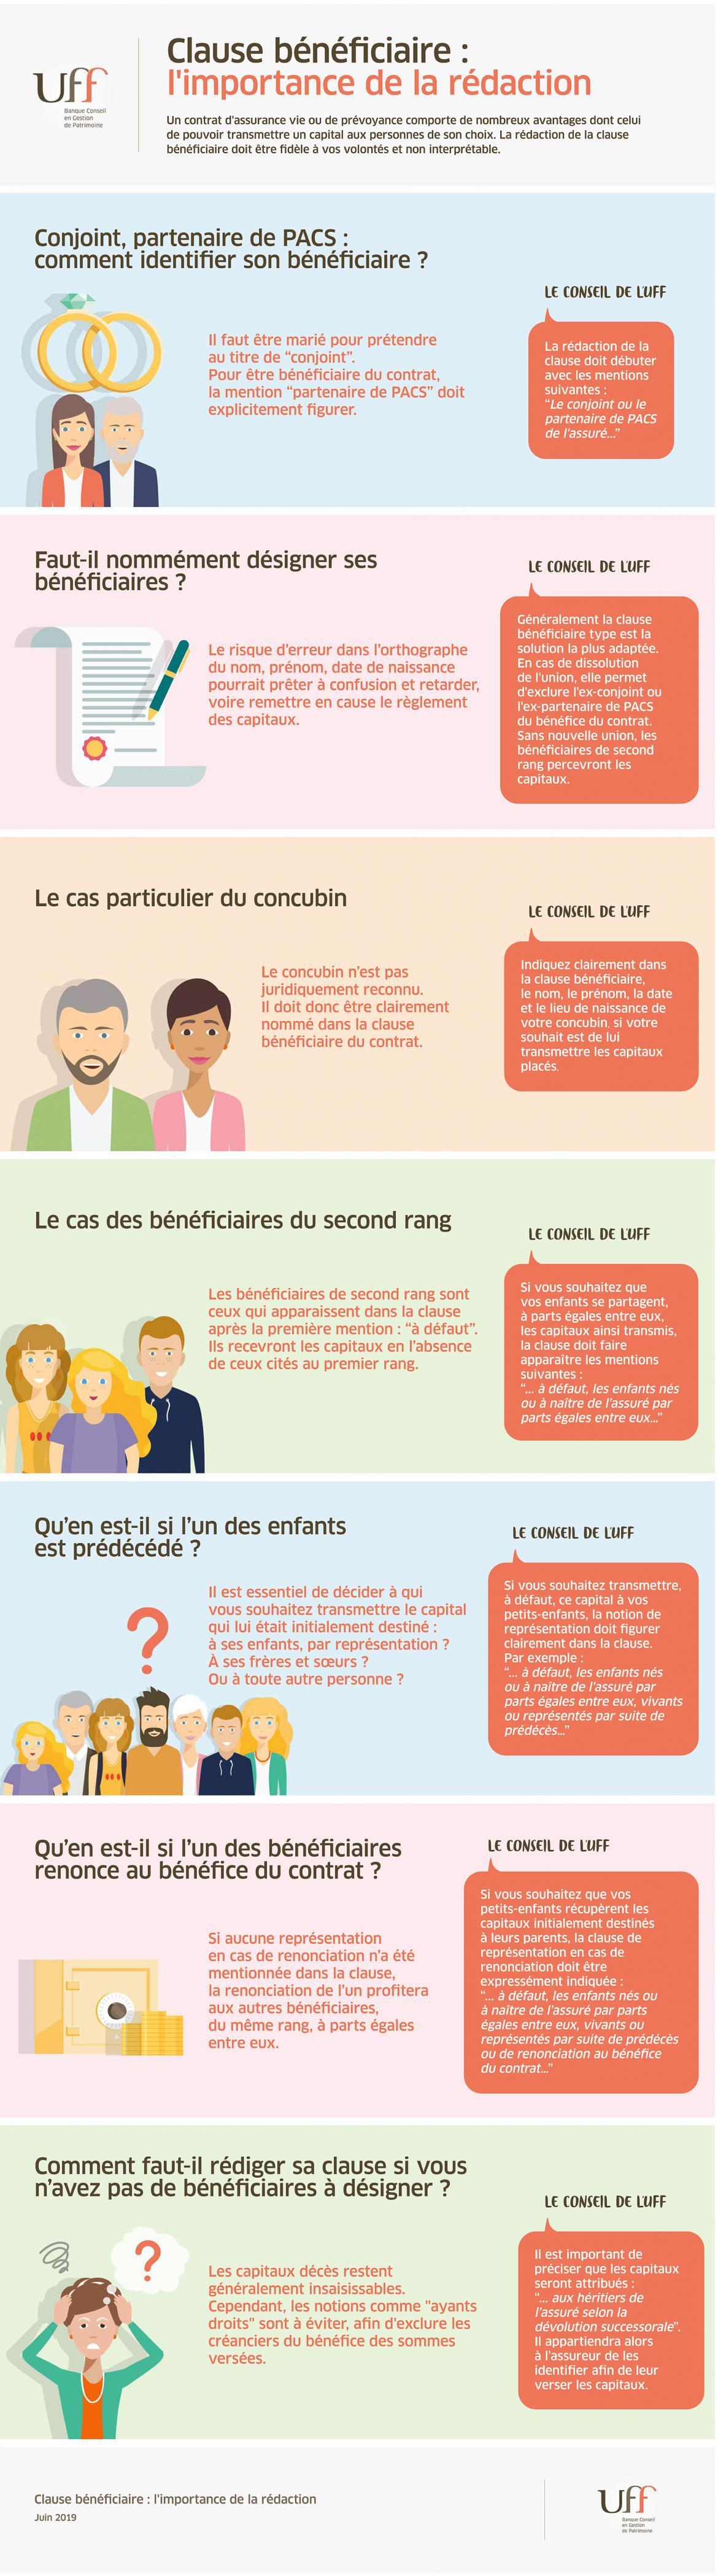 Infographie] Comment rédiger la clause bénéficiaire de votre